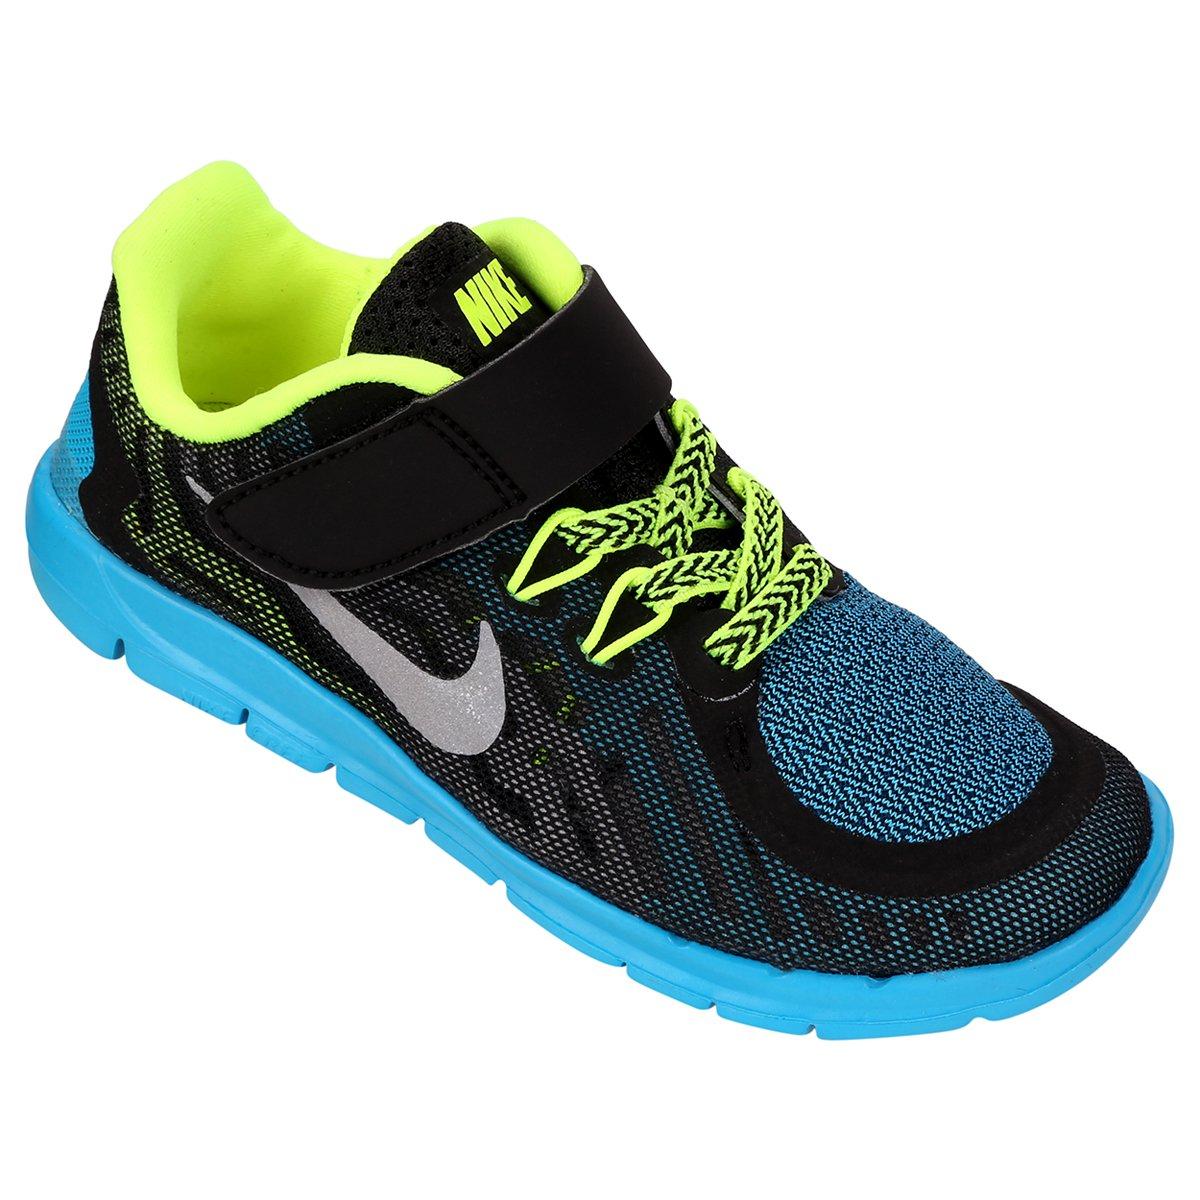 the best attitude b1235 1d458 Tênis Nike Free 5.0 Infantil - Compre Agora  Netshoes